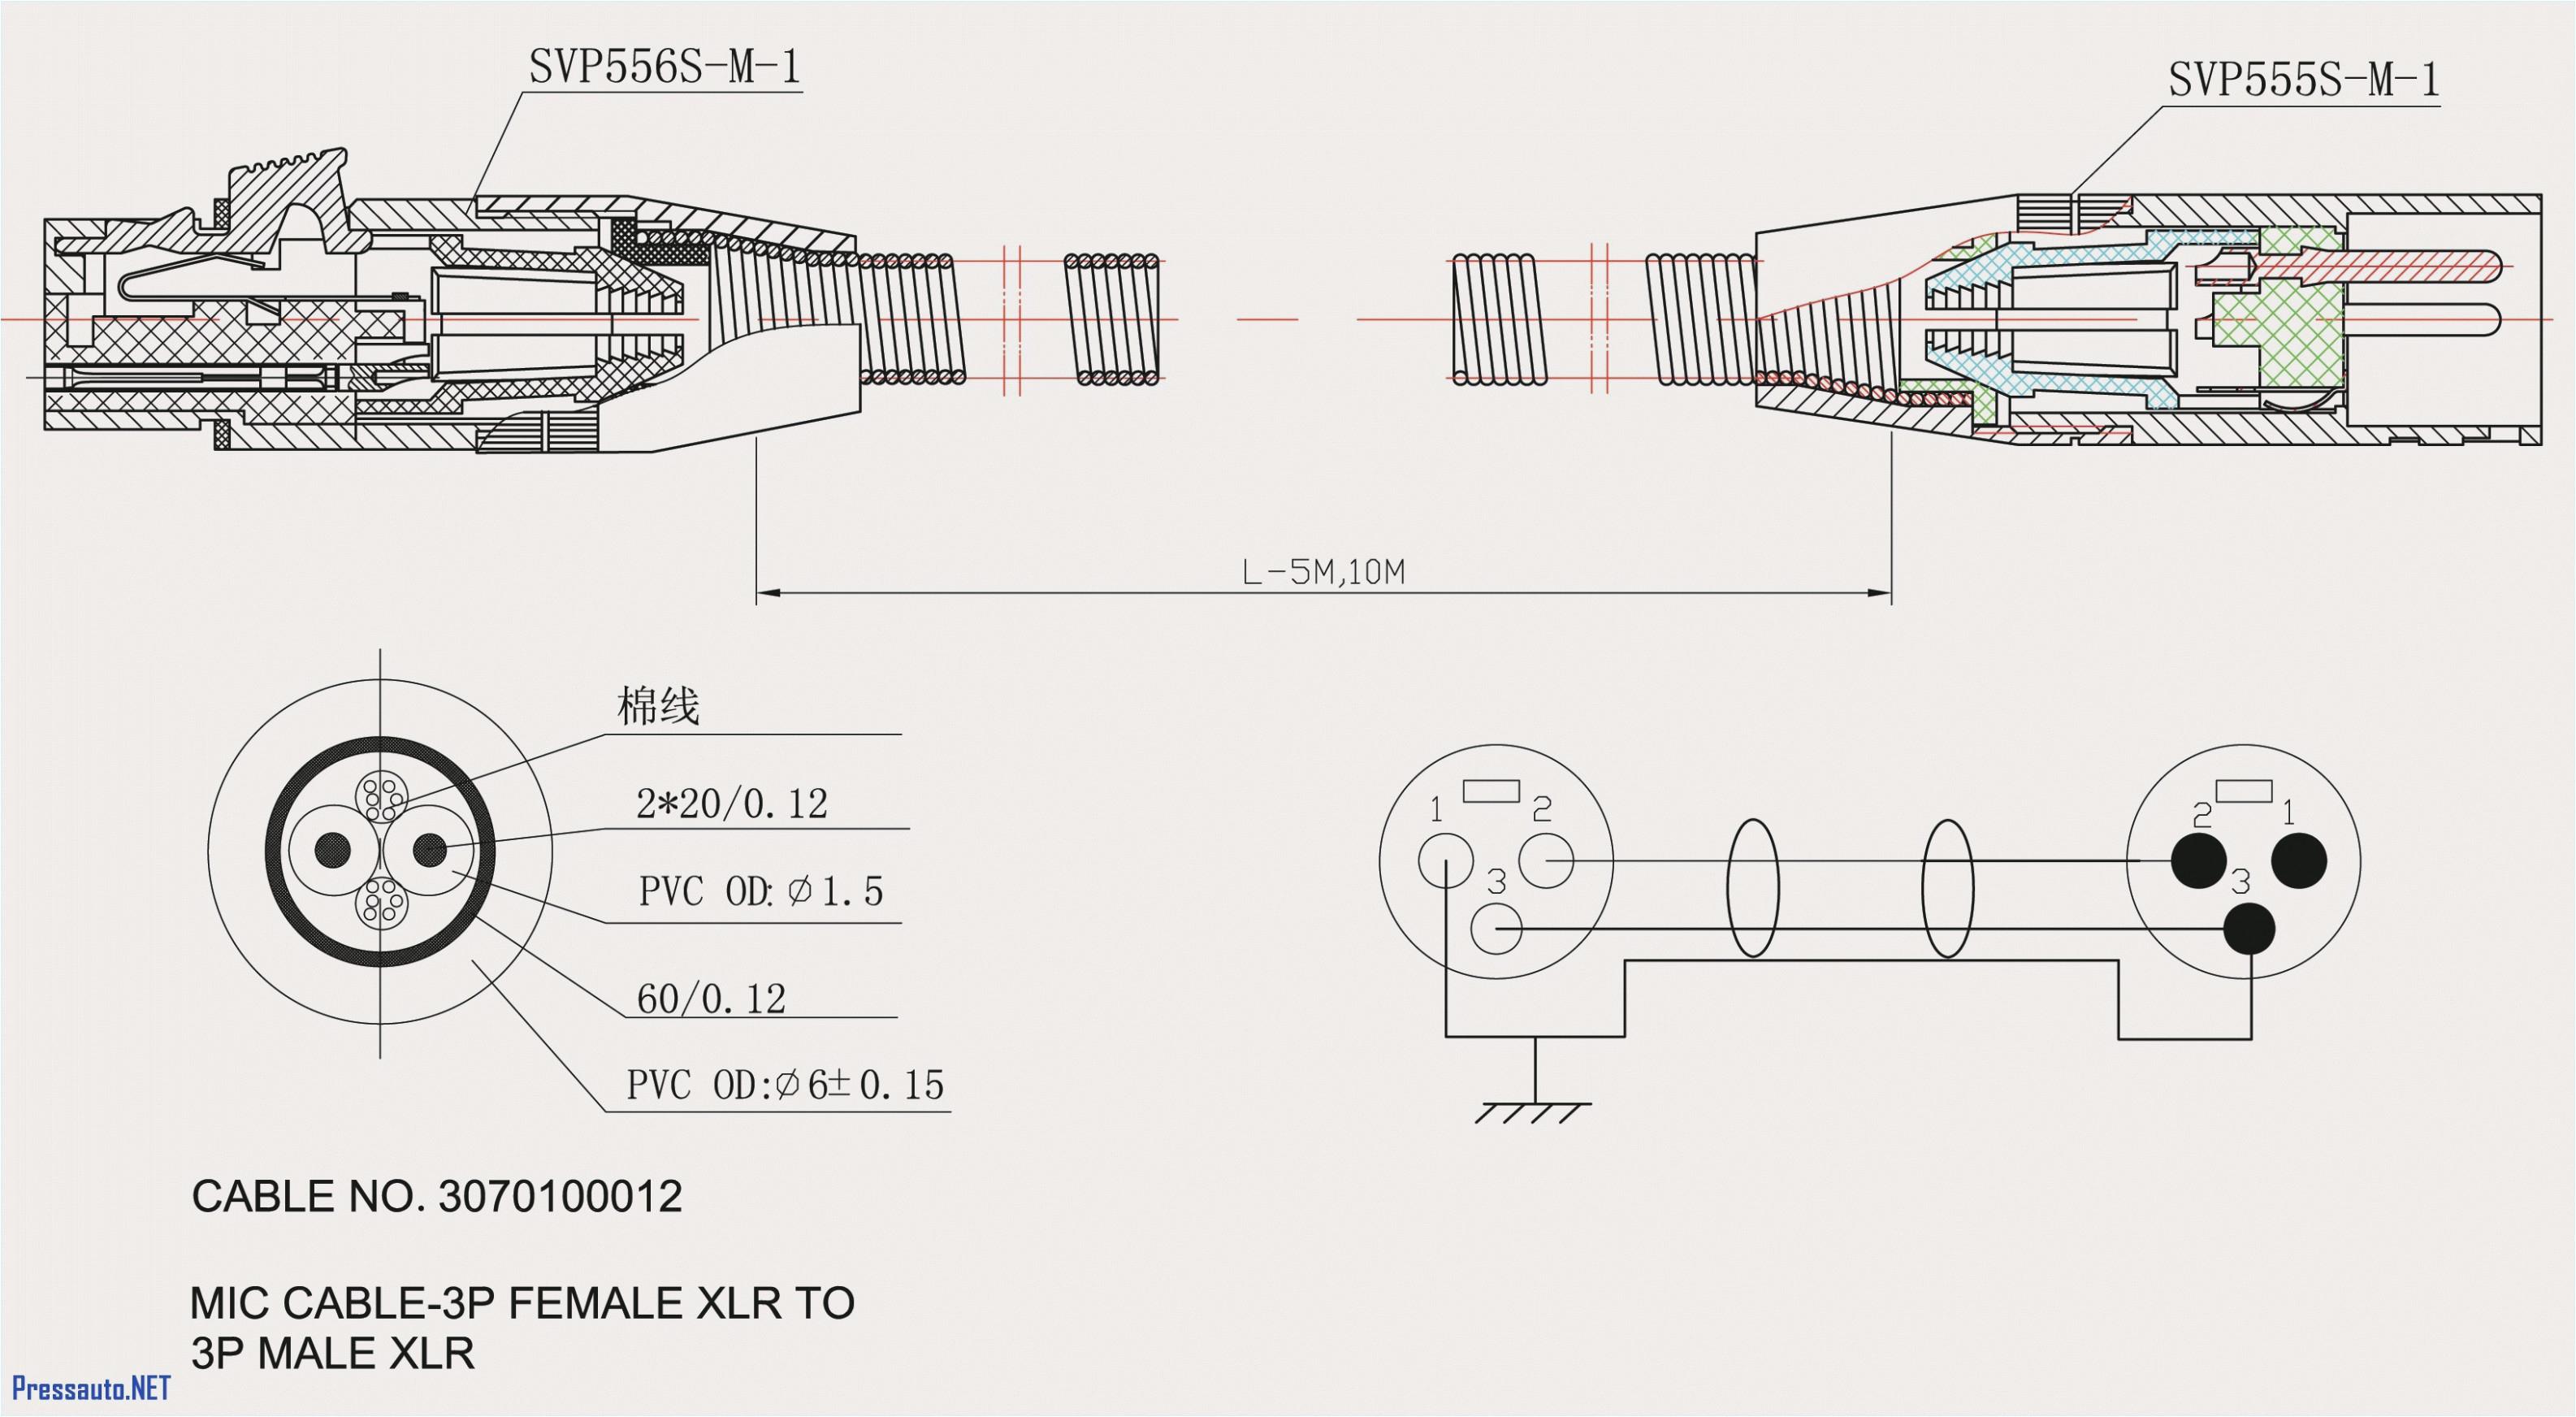 le9 wiring diagram wiring diagram diagram denso wiring 234 4056 wiring diagram article reviewdenso diagram wiring